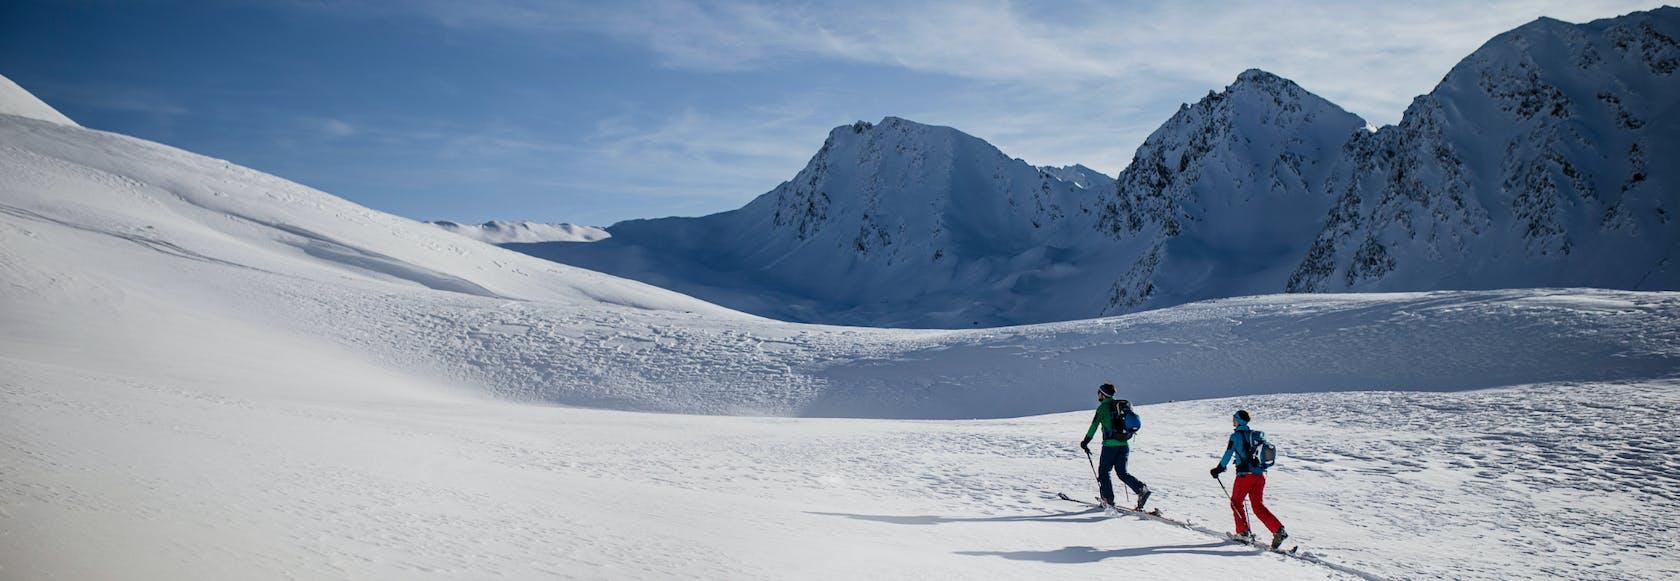 Vaude Skitourenbekleidung